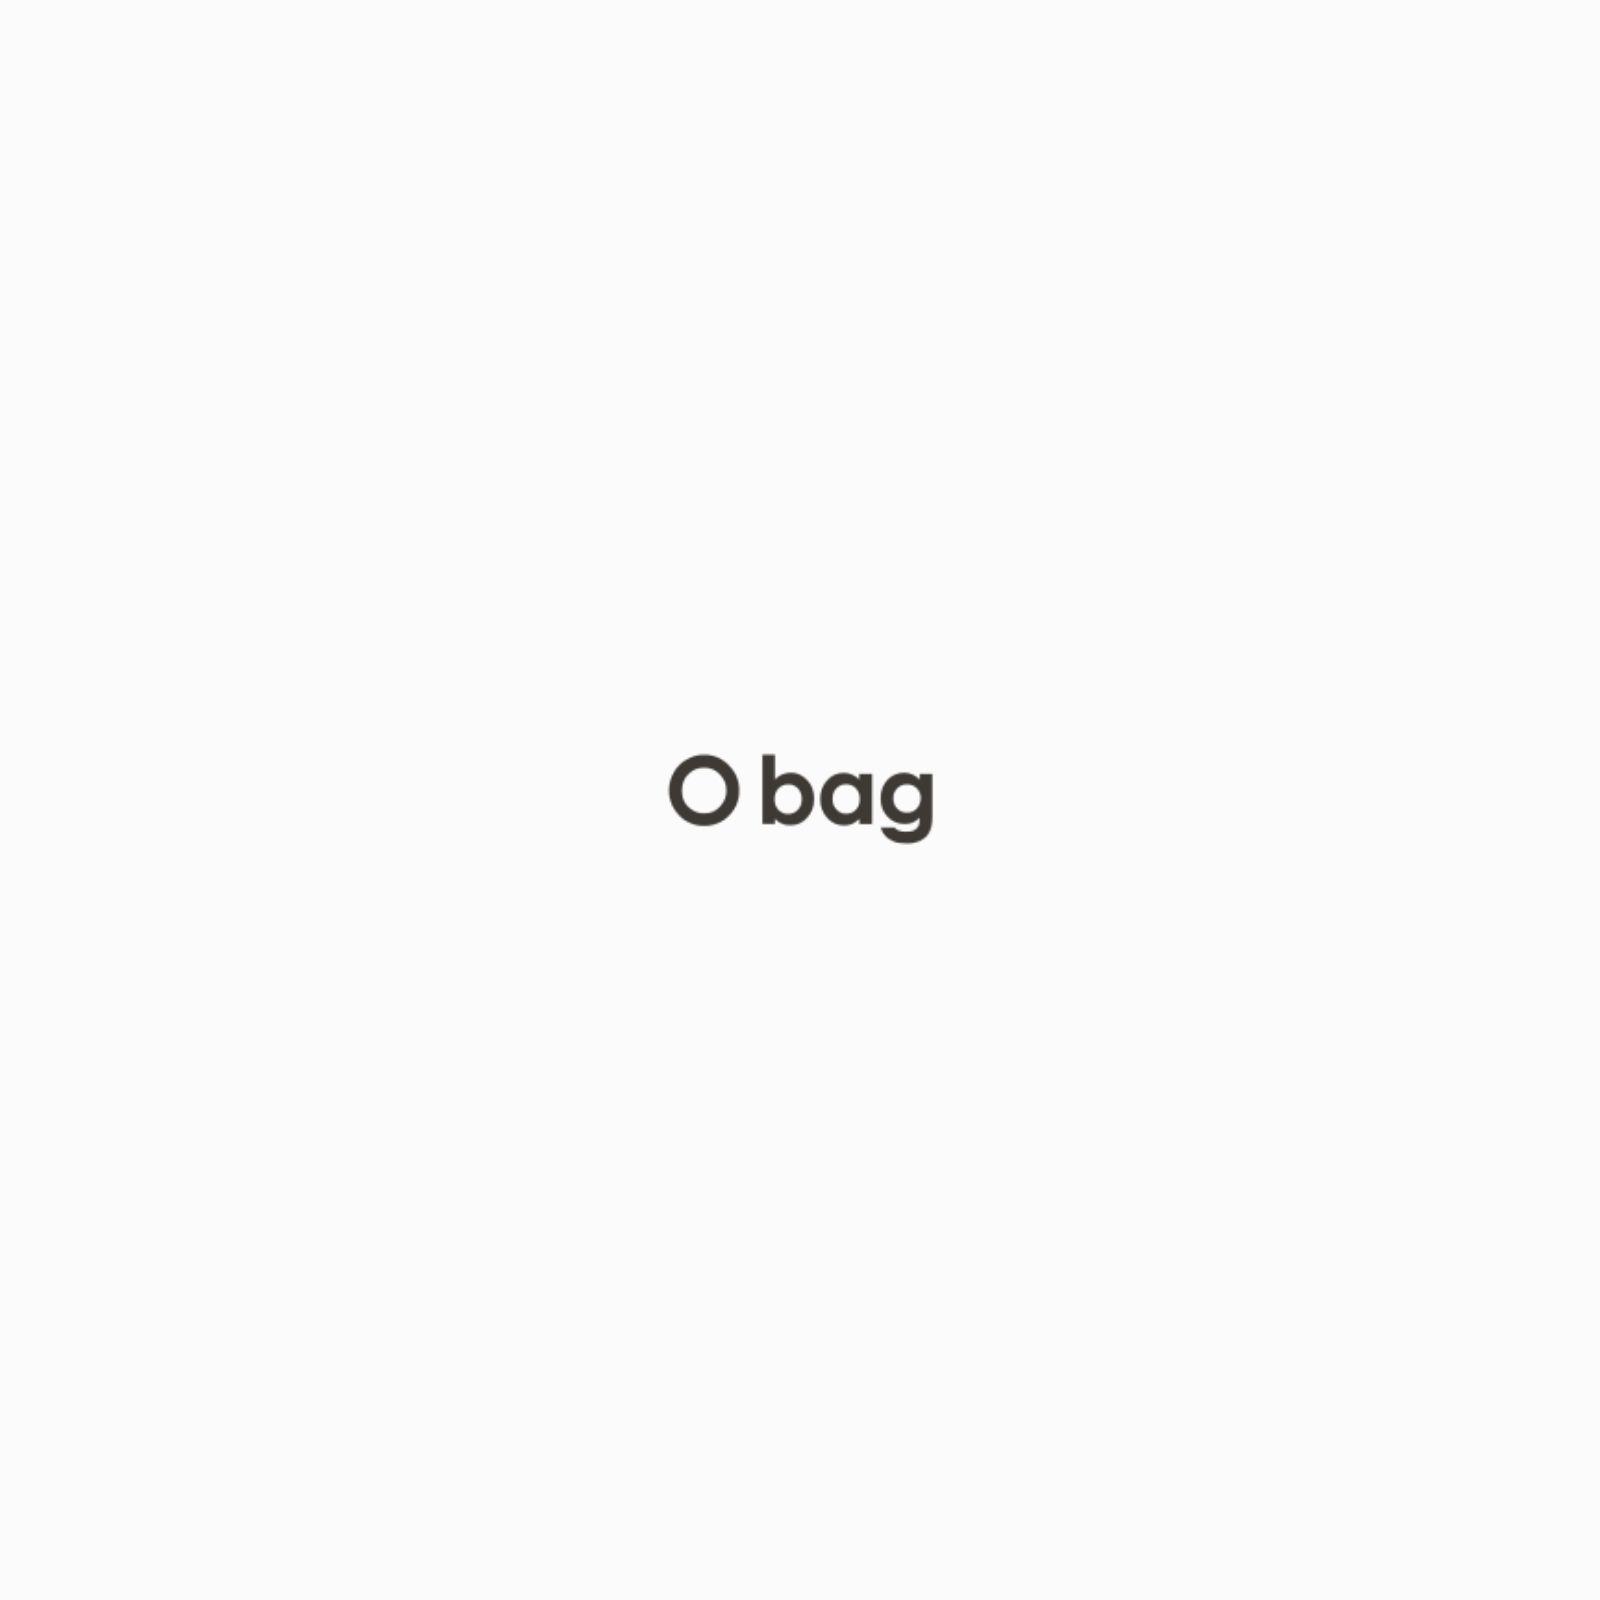 c7d8eb0543fd9 O bag O bag nera with trim in woolen cloth fabric maxi-braid